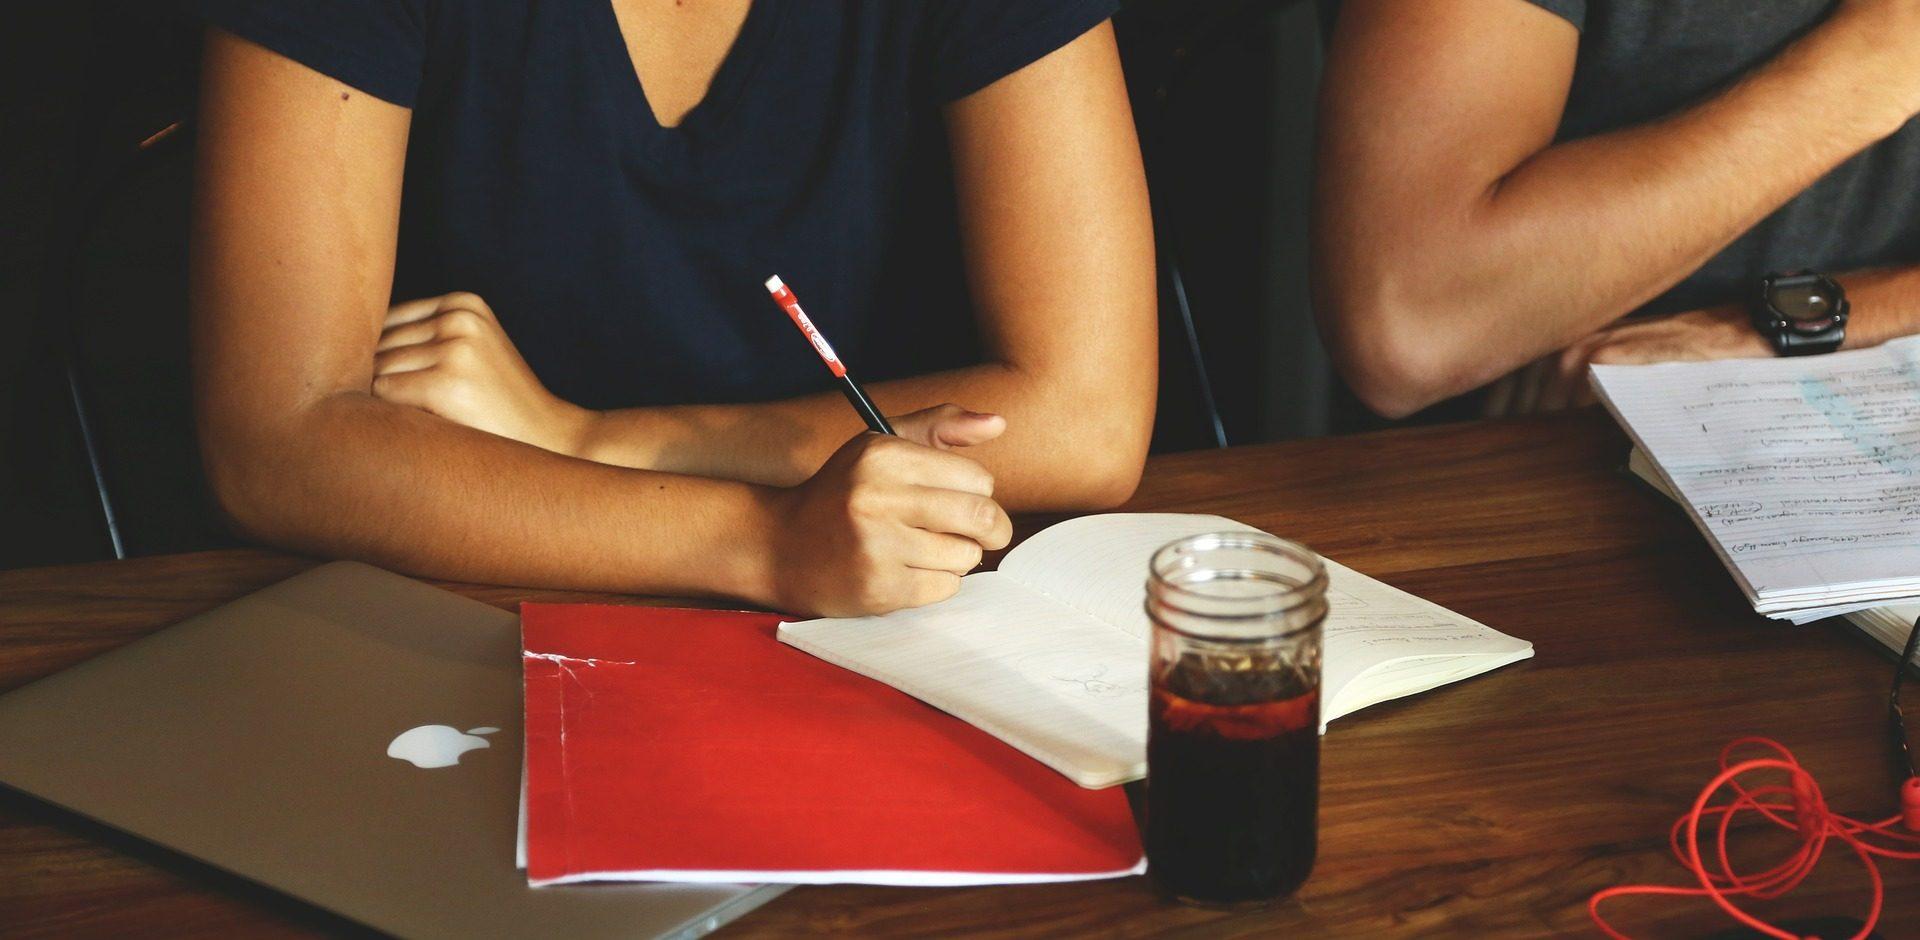 Teilnehmer eines Kurses in Einfacher Sprache lernen, wie verständliche Kommunikation geht. Foto: Pixabay